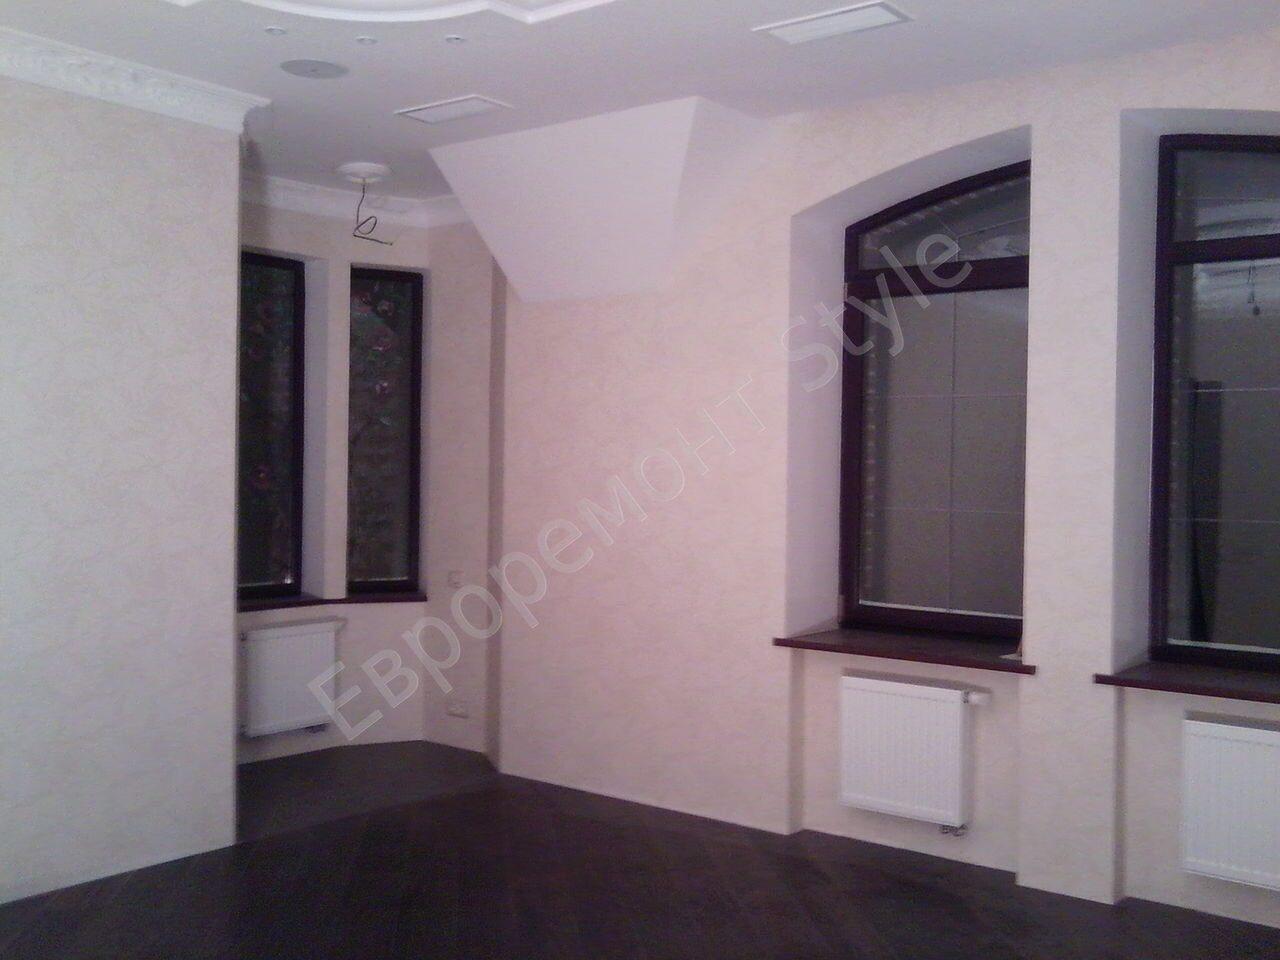 Дизайнерский ремонт квартир в Москве за фиксированные